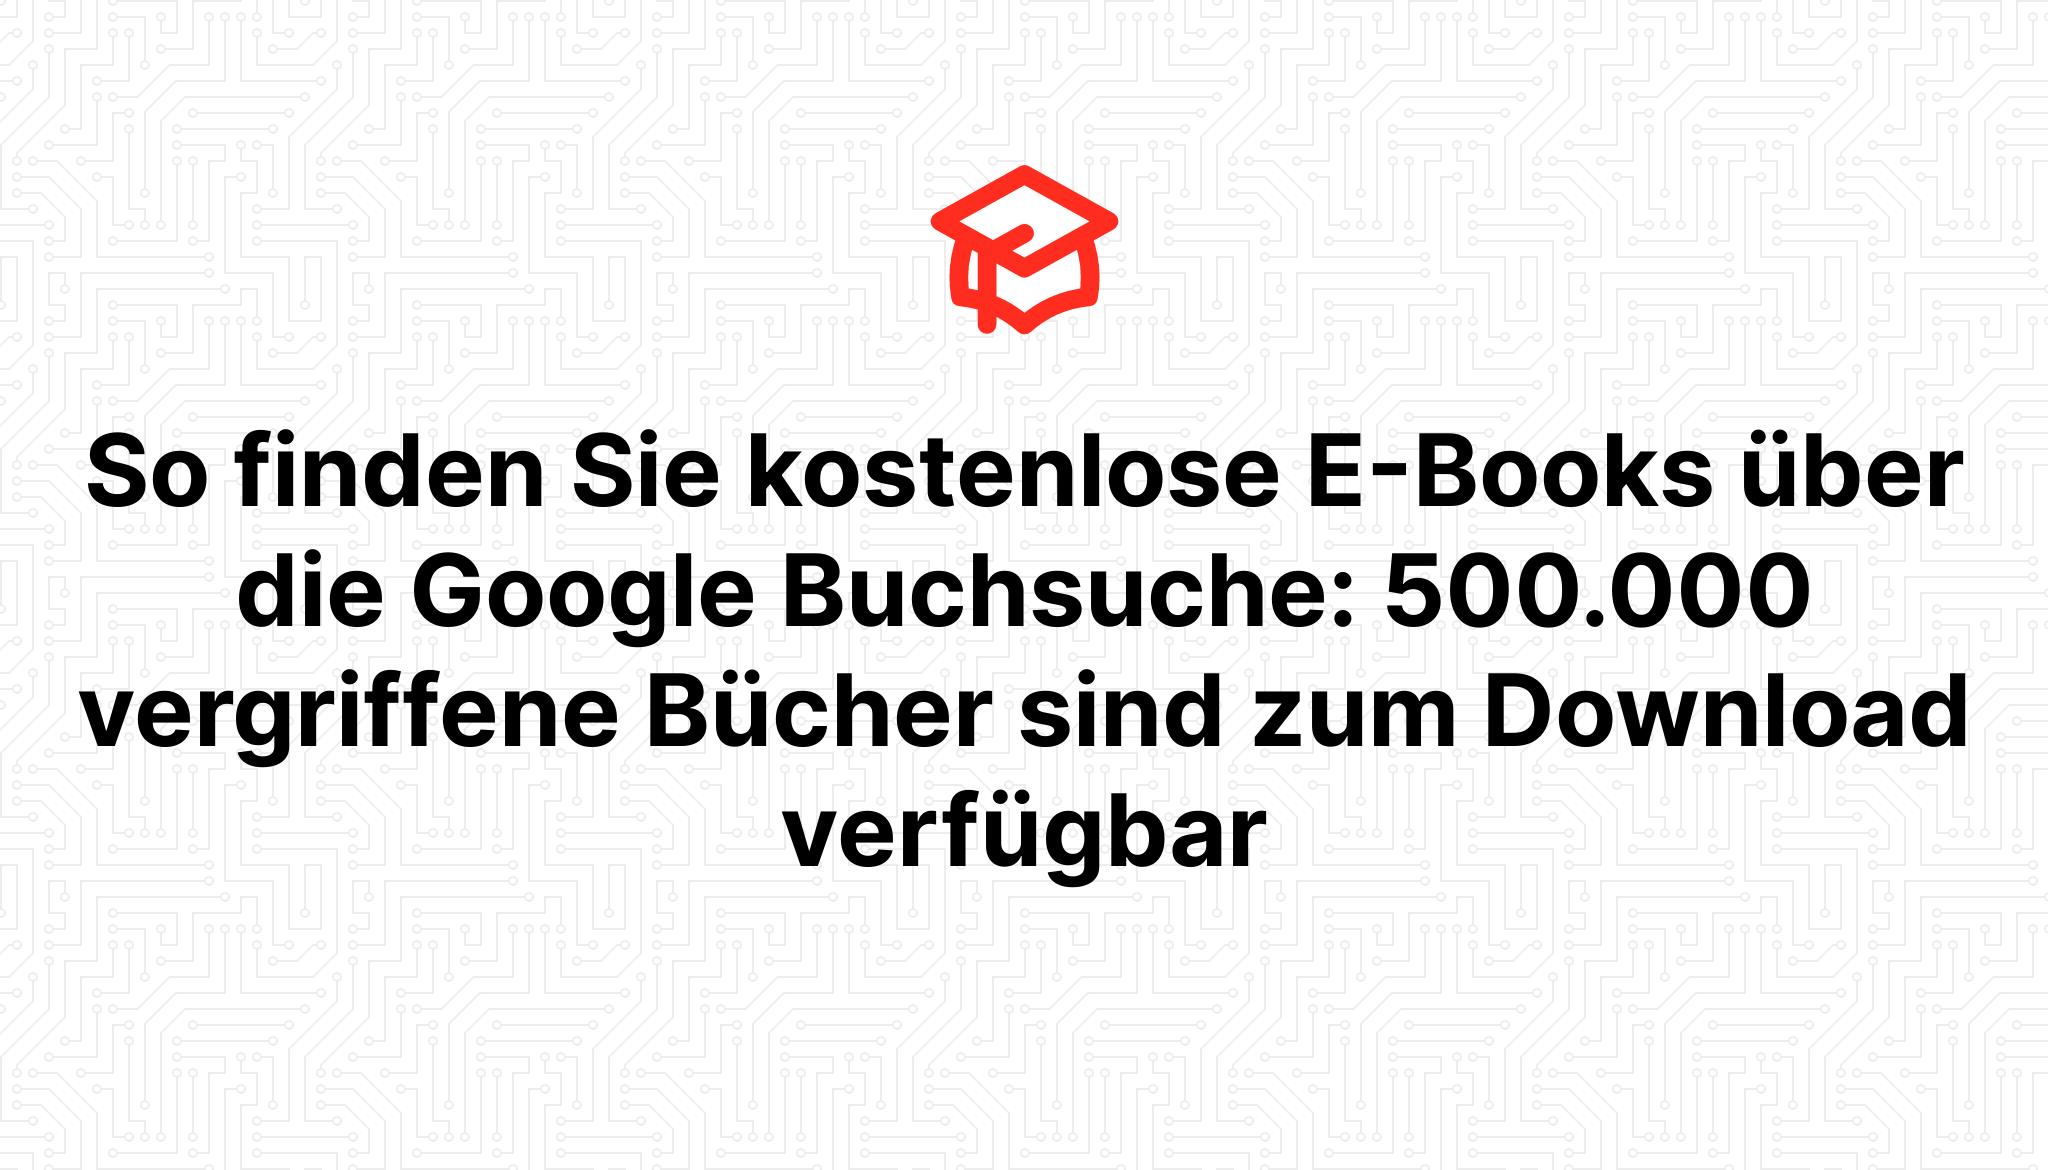 So finden Sie kostenlose E-Books über die Google Buchsuche: 500.000 vergriffene Bücher sind zum Download verfügbar